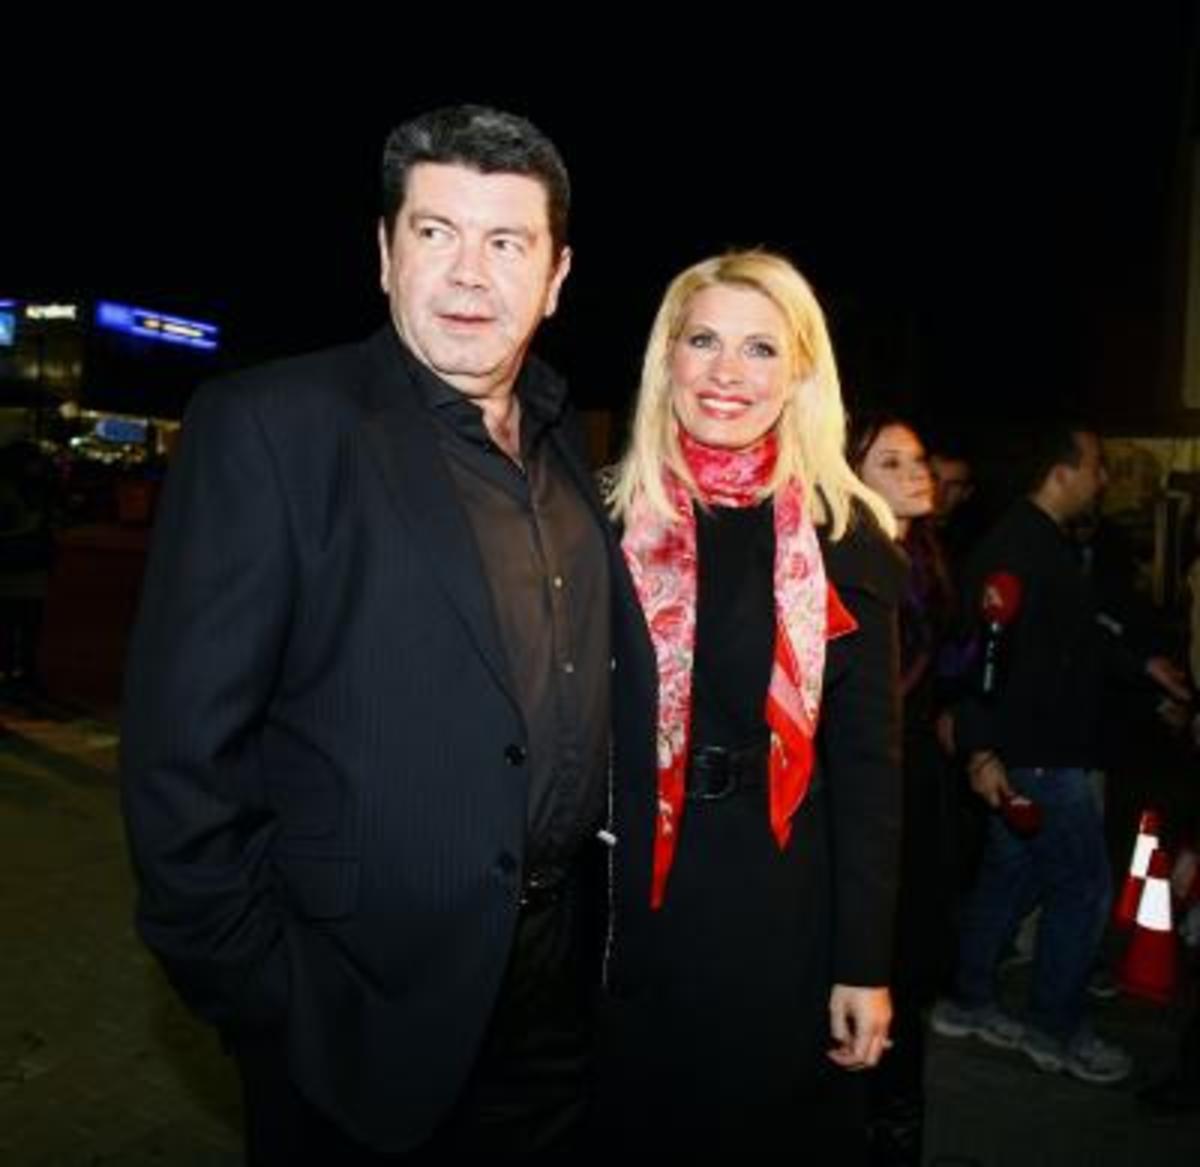 Xώρισαν Μενεγάκη-Λάτσιος! | Newsit.gr